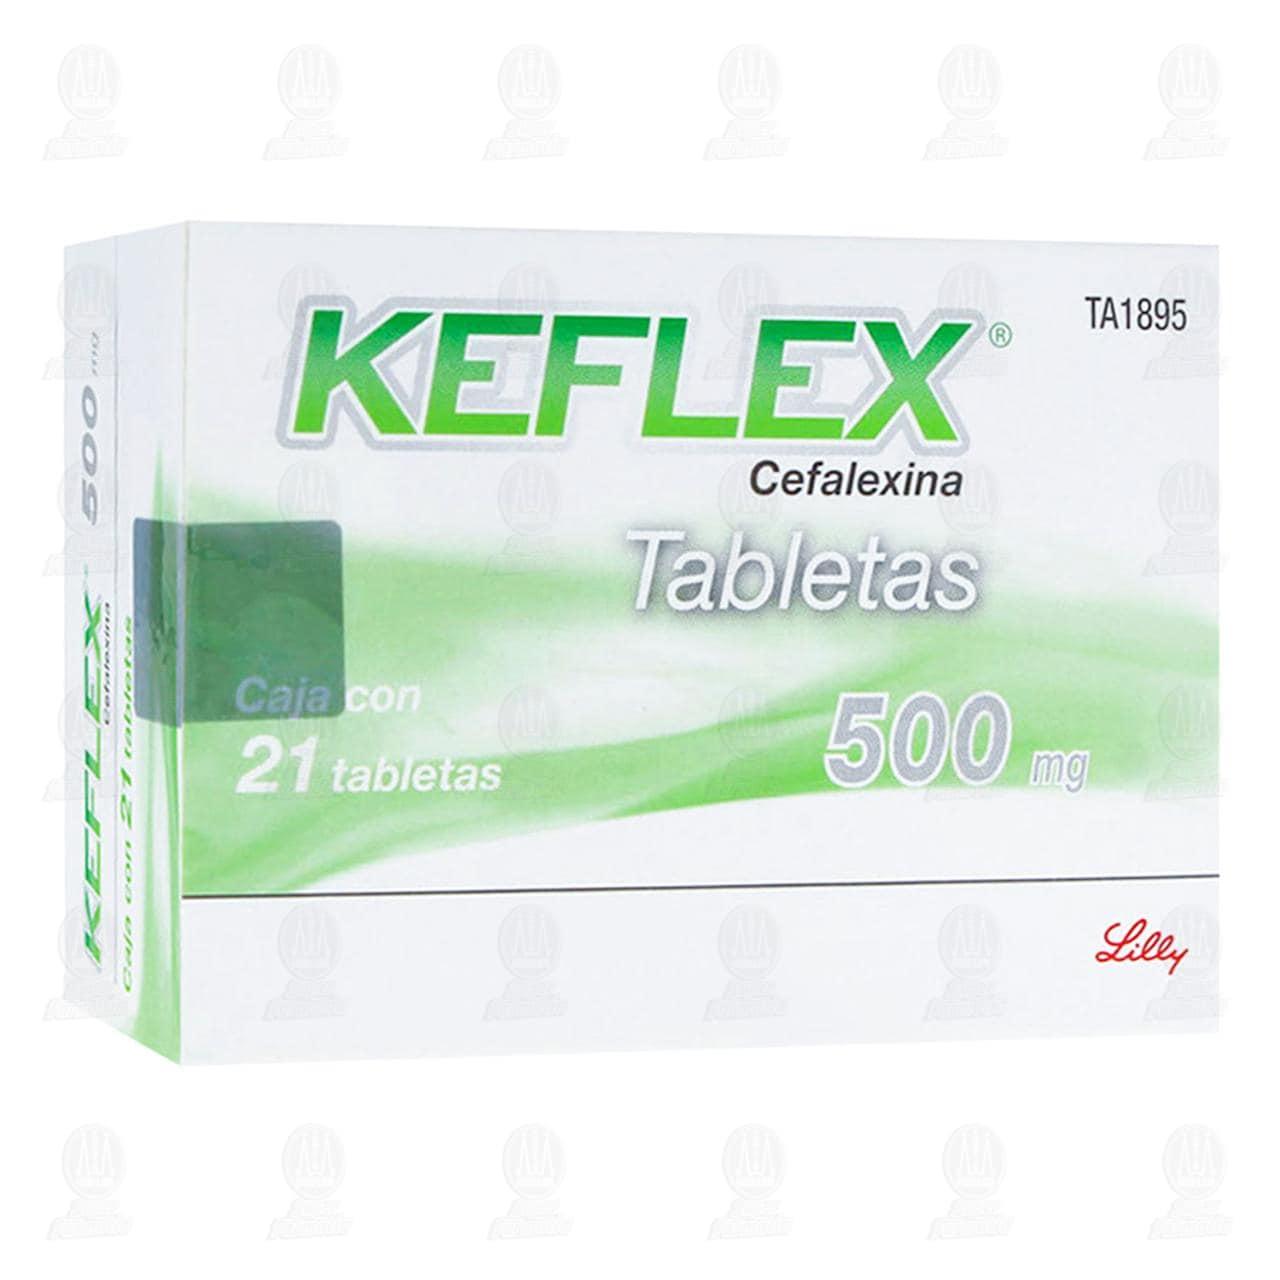 Comprar Keflex 500mg 21 Tabletas en Farmacias Guadalajara